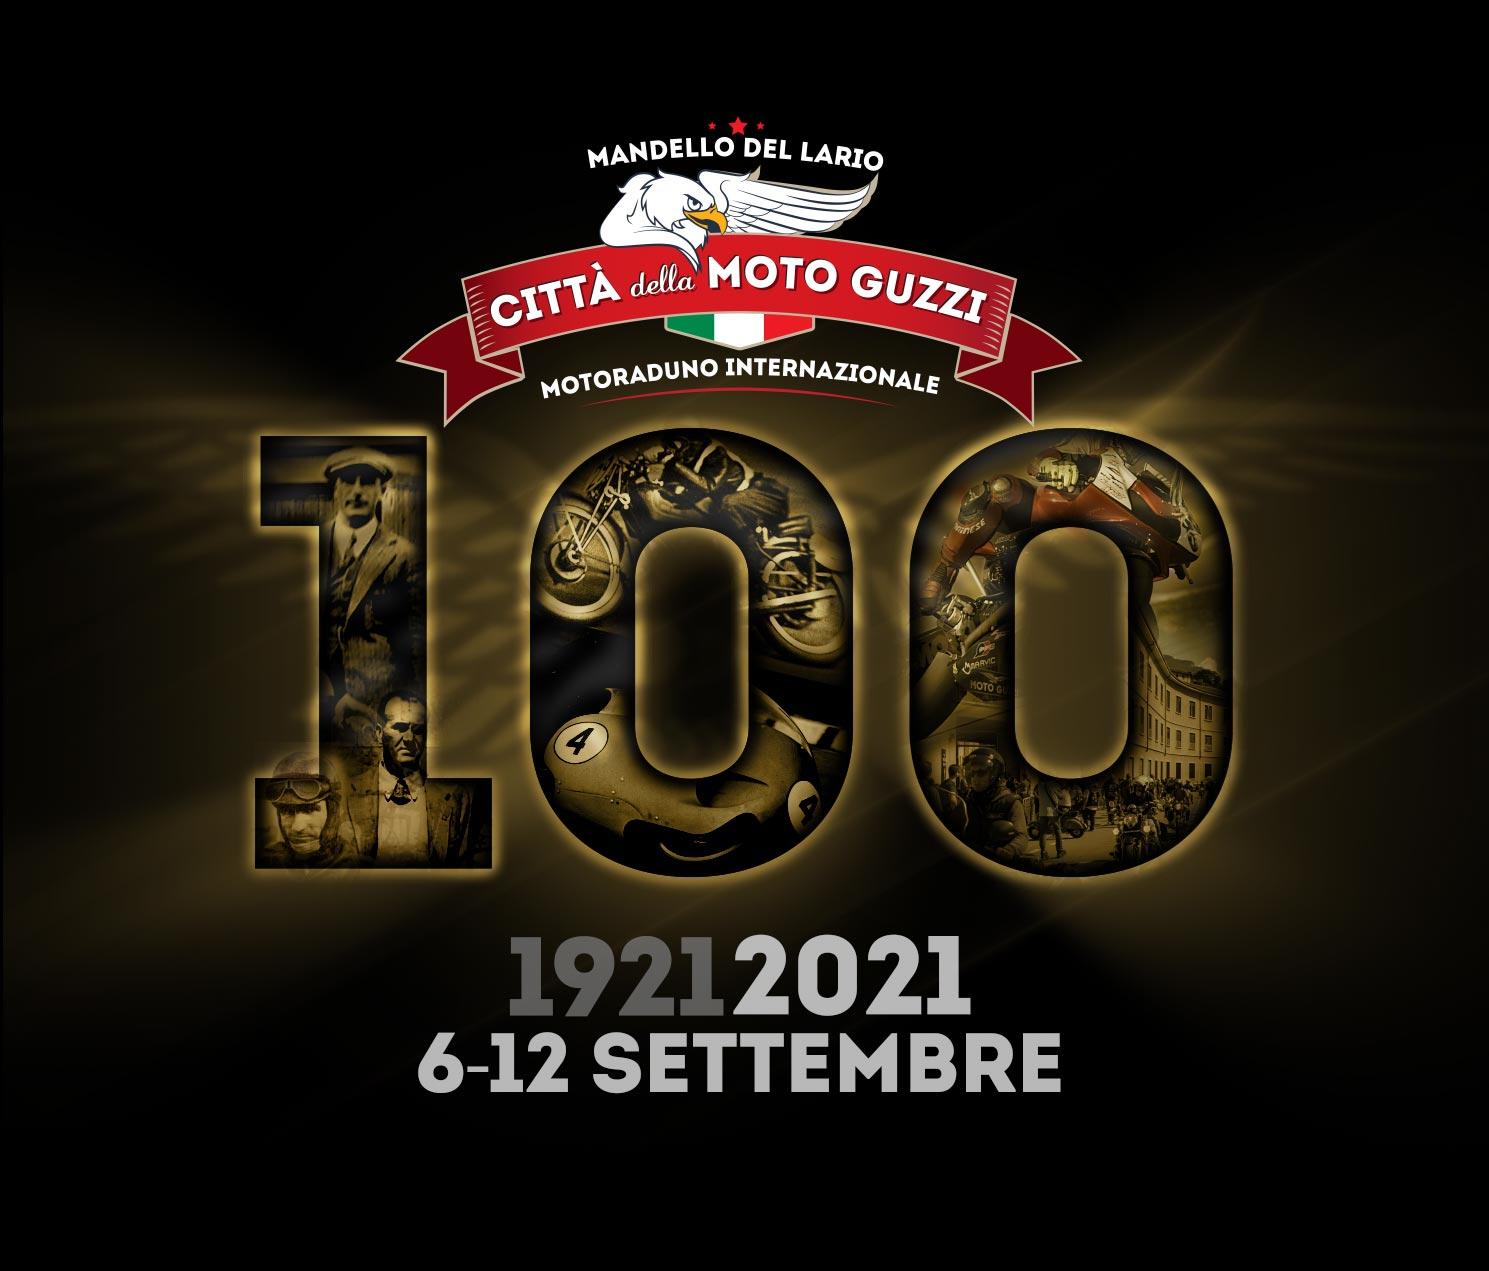 Motoraduno Mandello del Lario Moto Guzzi logo